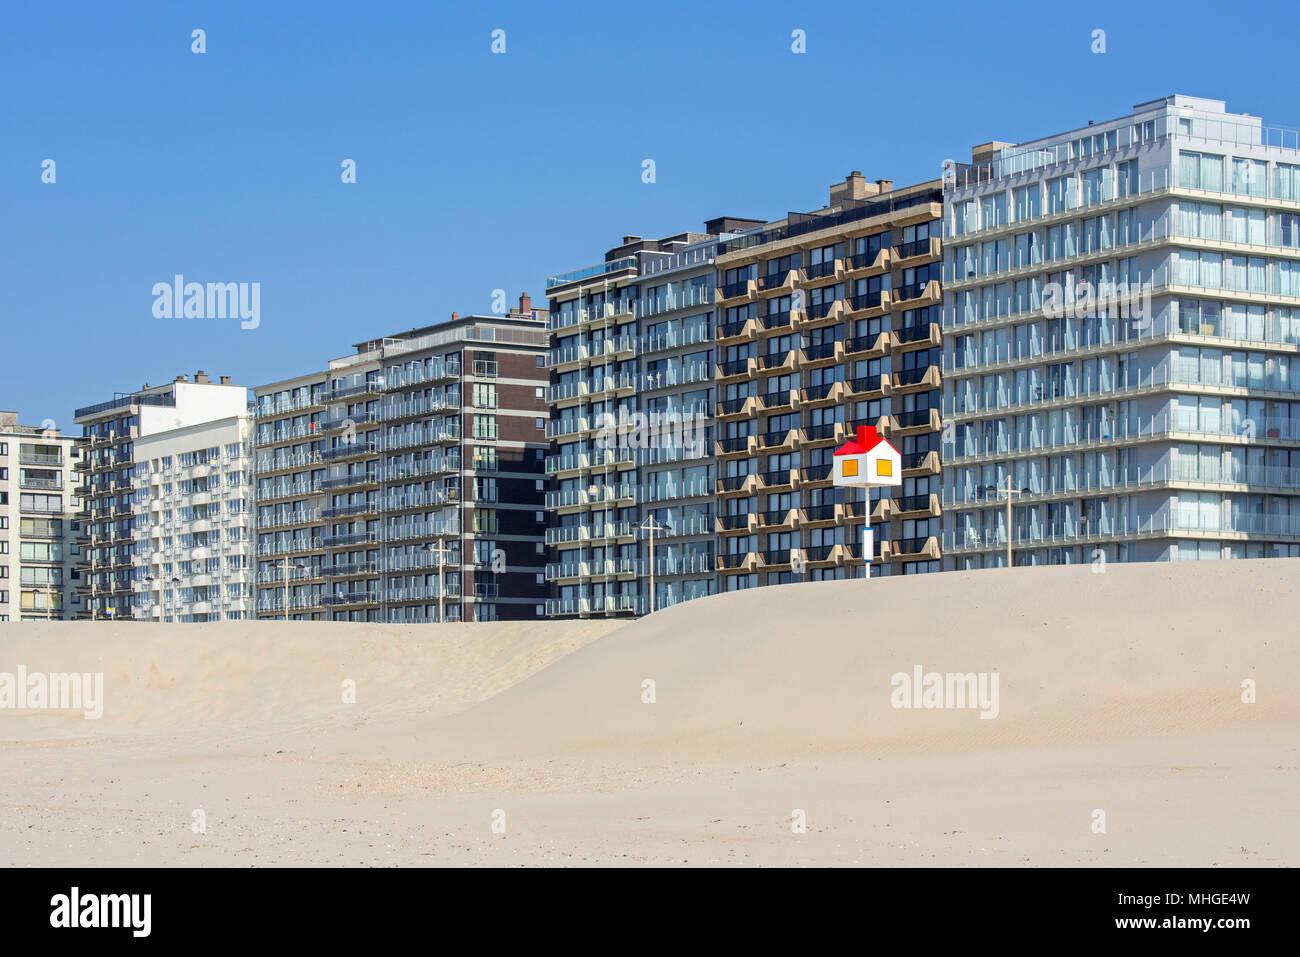 Punto de referencia en la forma de una casa para niños en la playa y Pisos / Apartamentos en Seaside Resort Middelkerke, Flandes Occidental, Bélgica Imagen De Stock